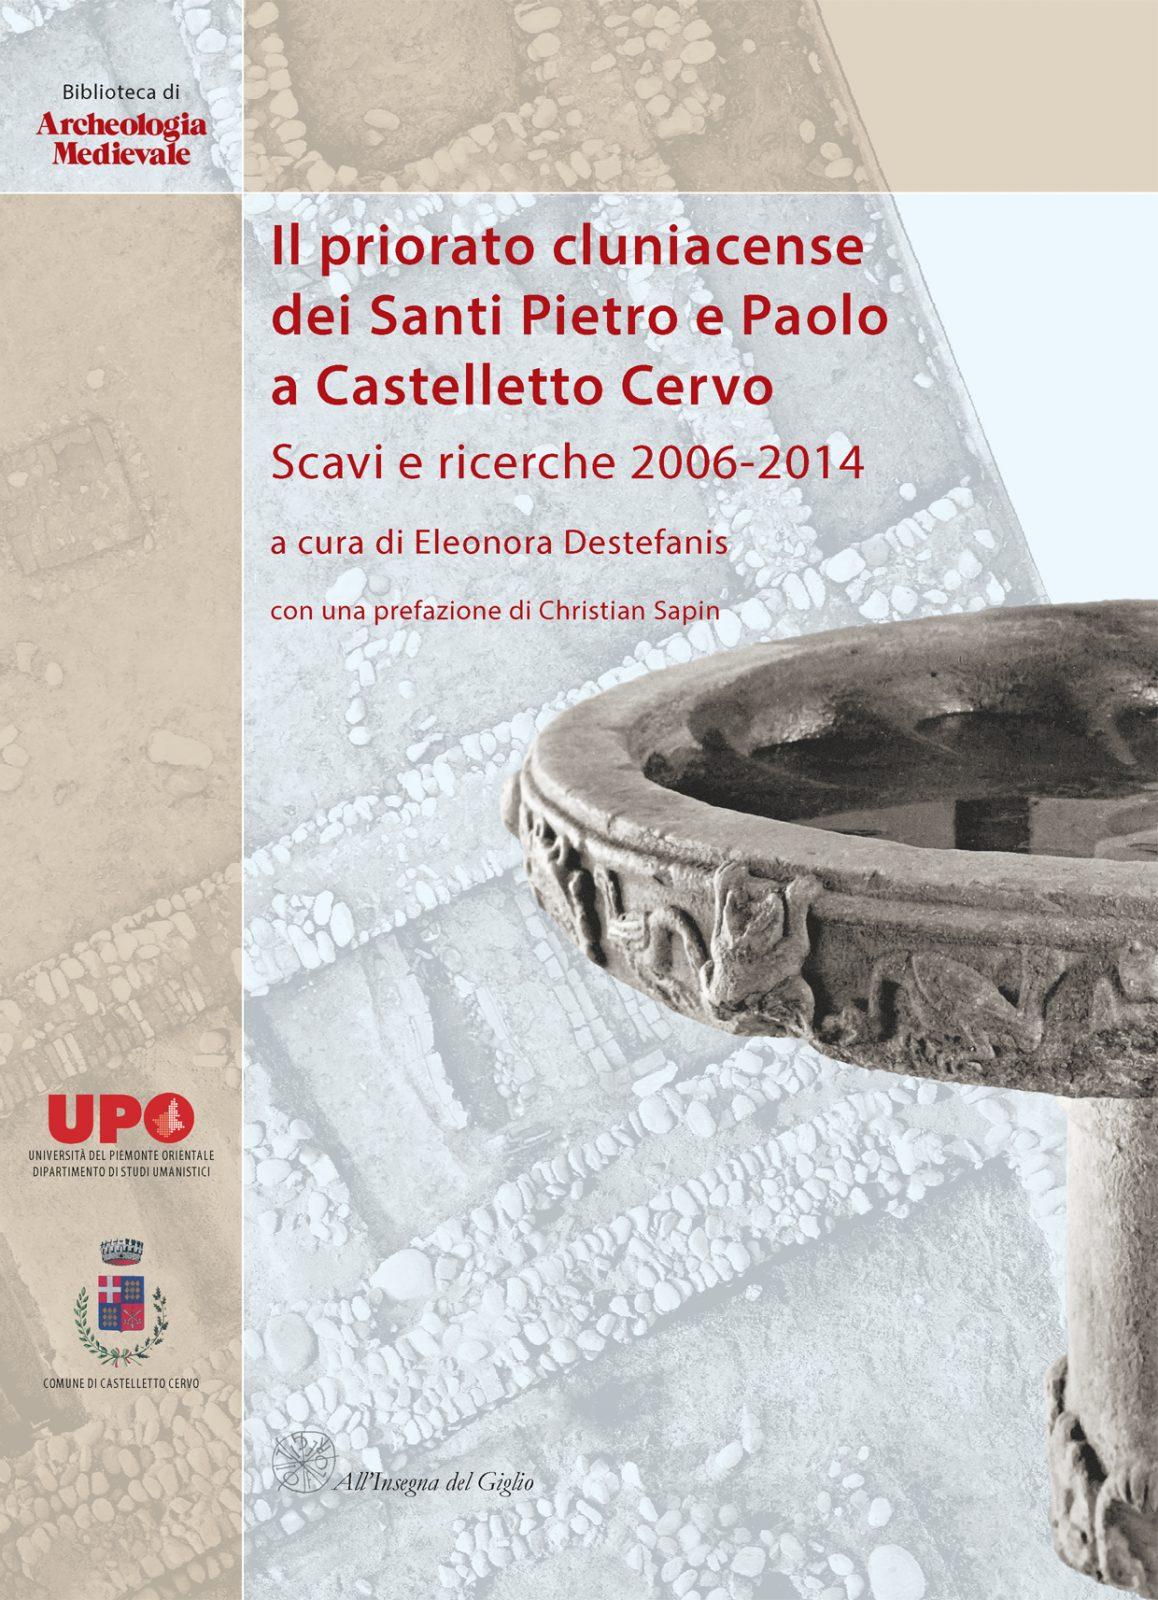 Il priorato cluniacense dei Santi Pietro e Paolo a Castelletto Cervo, copertina.